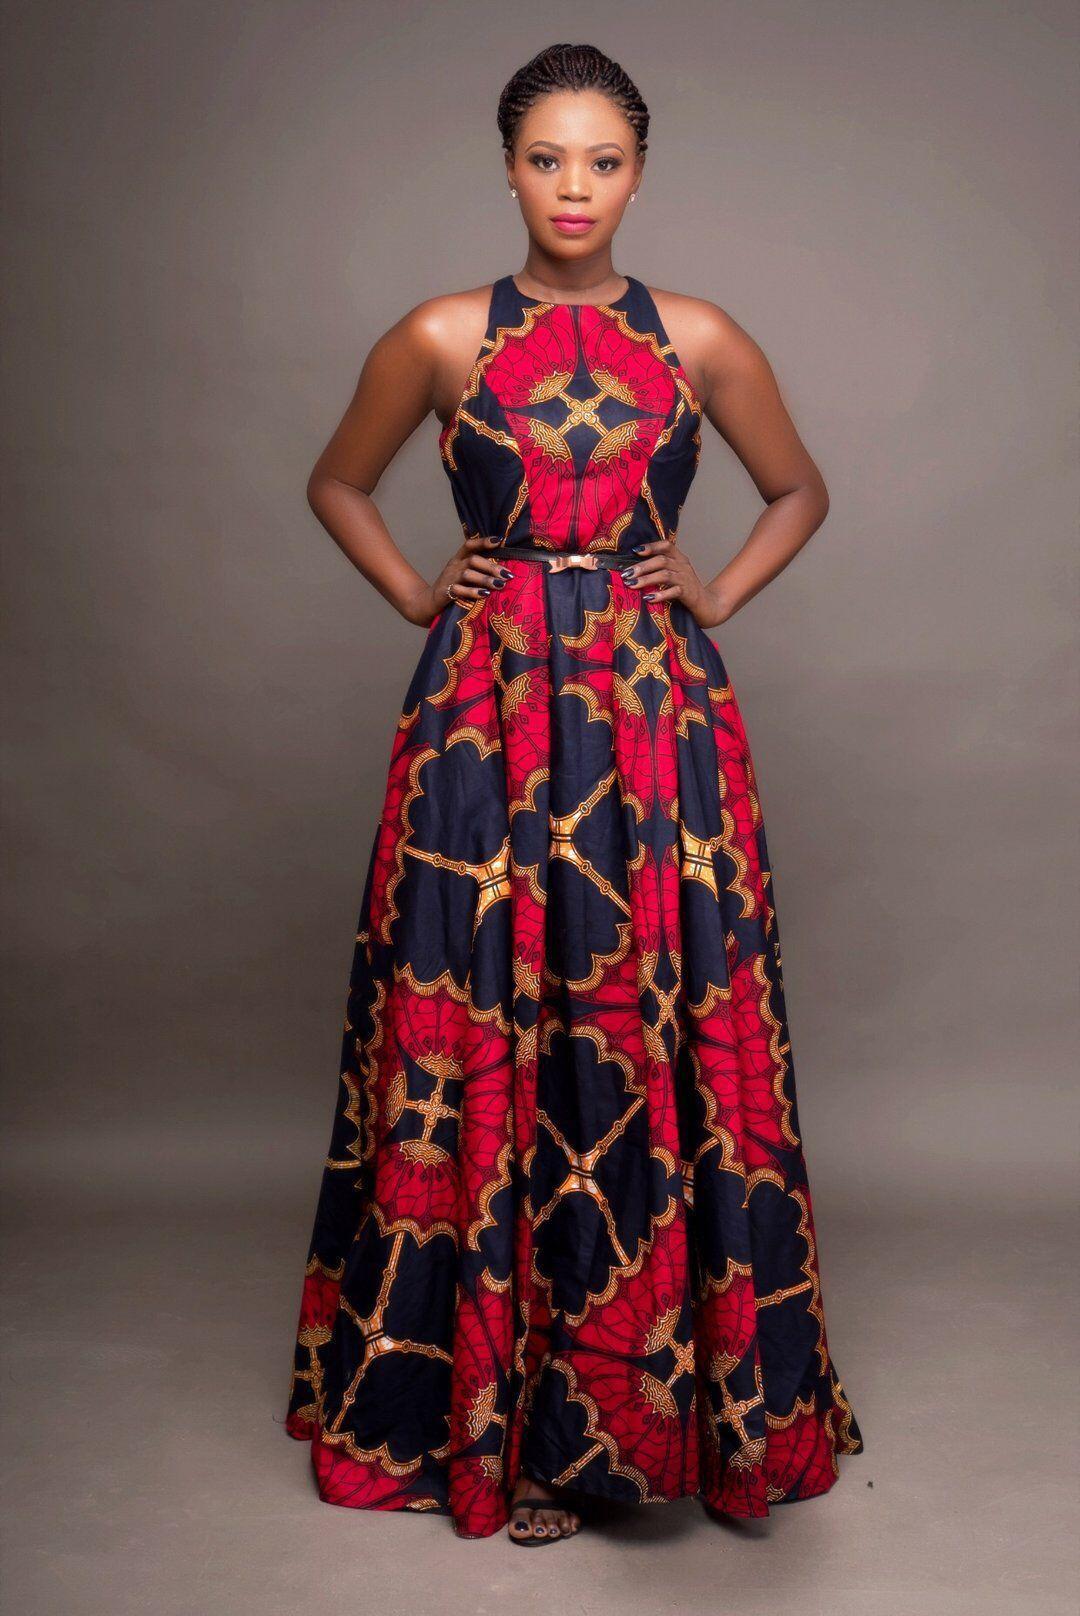 2020 패션 숙녀 아프리카 의류 라운드 넥 다시 키 맥시 드레스 민소매 플러스 사이즈 여성 로브 Africaine에 대한 아프리카 드레스를